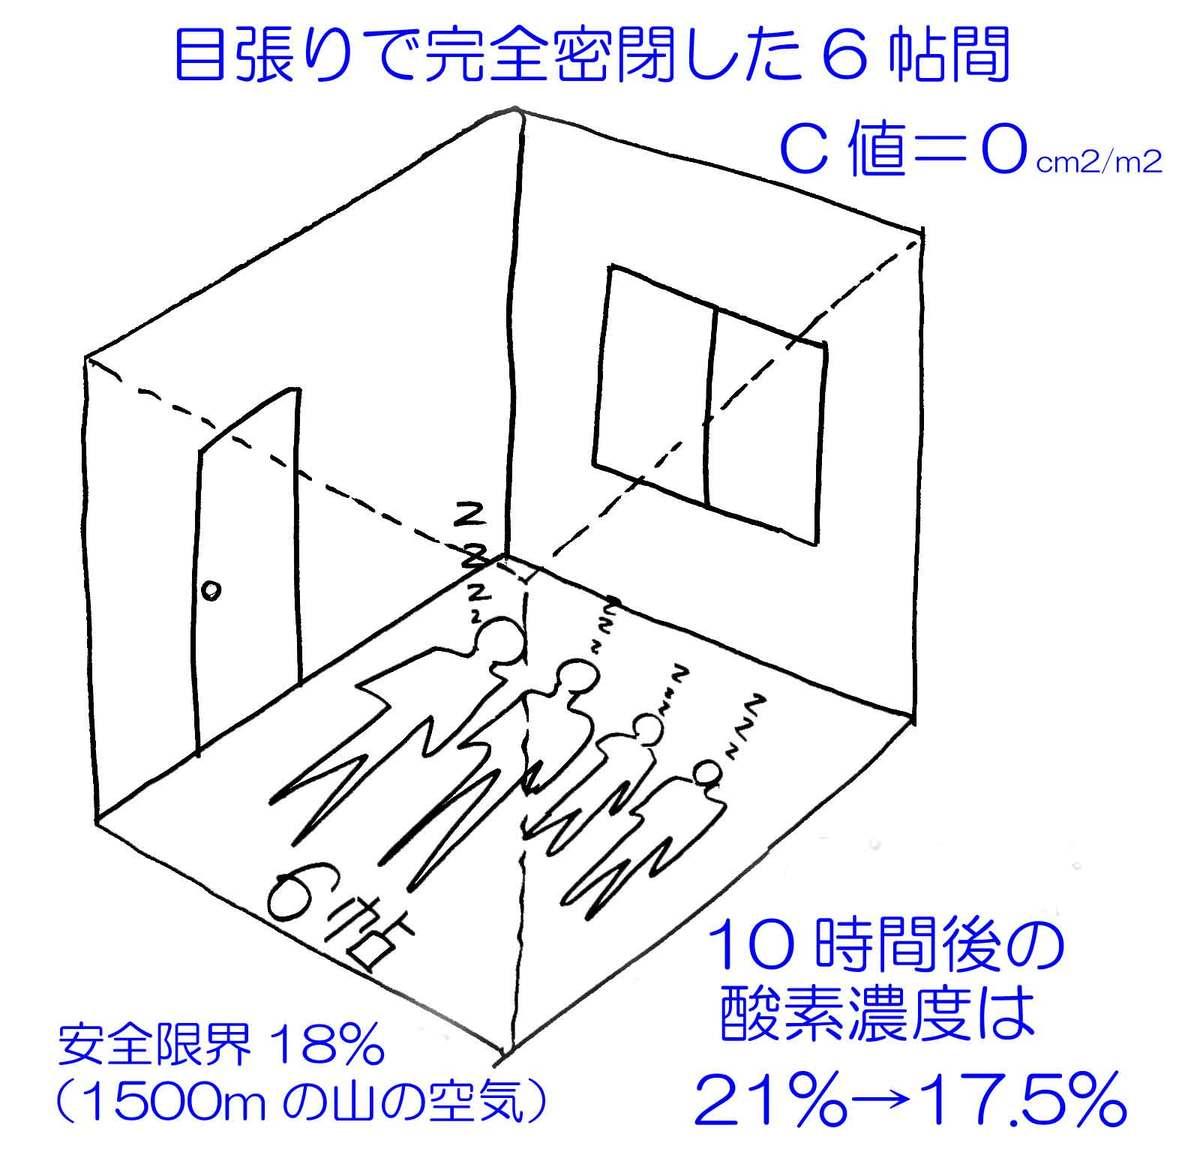 Image0324_2